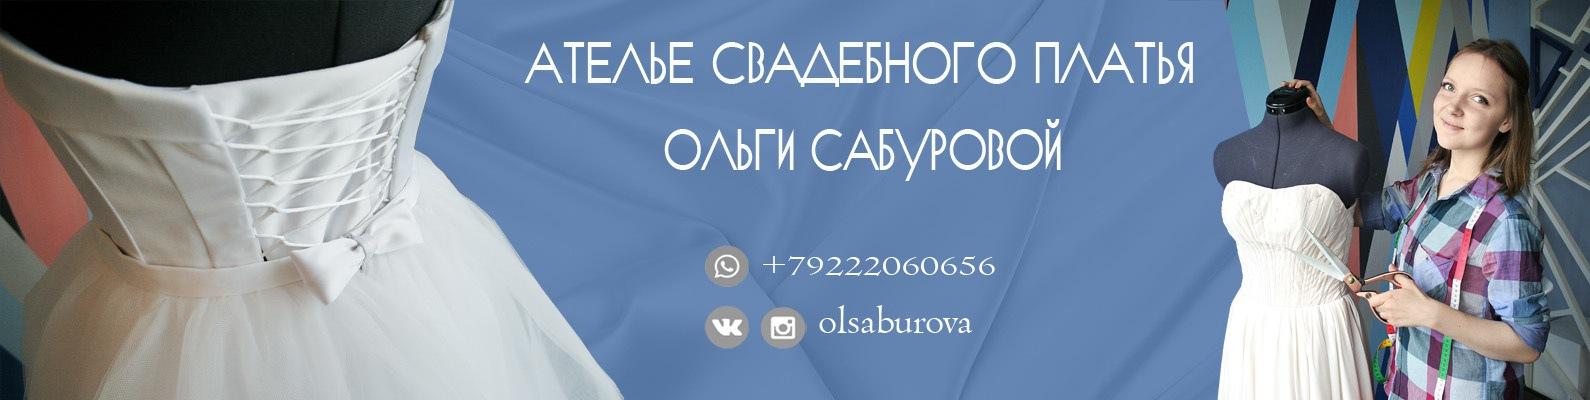 Свадебные платья Екатеринбург - пошив на заказ   ВКонтакте 762310edf51